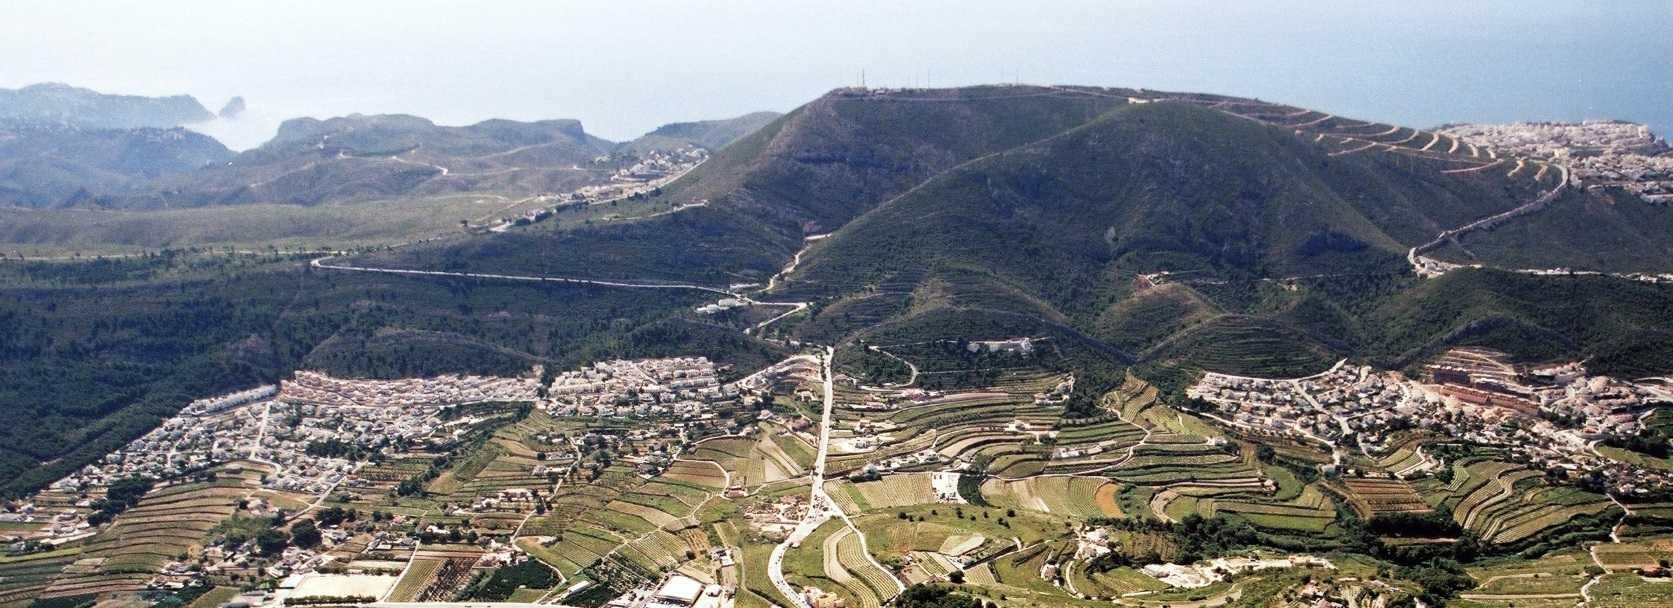 Serra de la Llorença